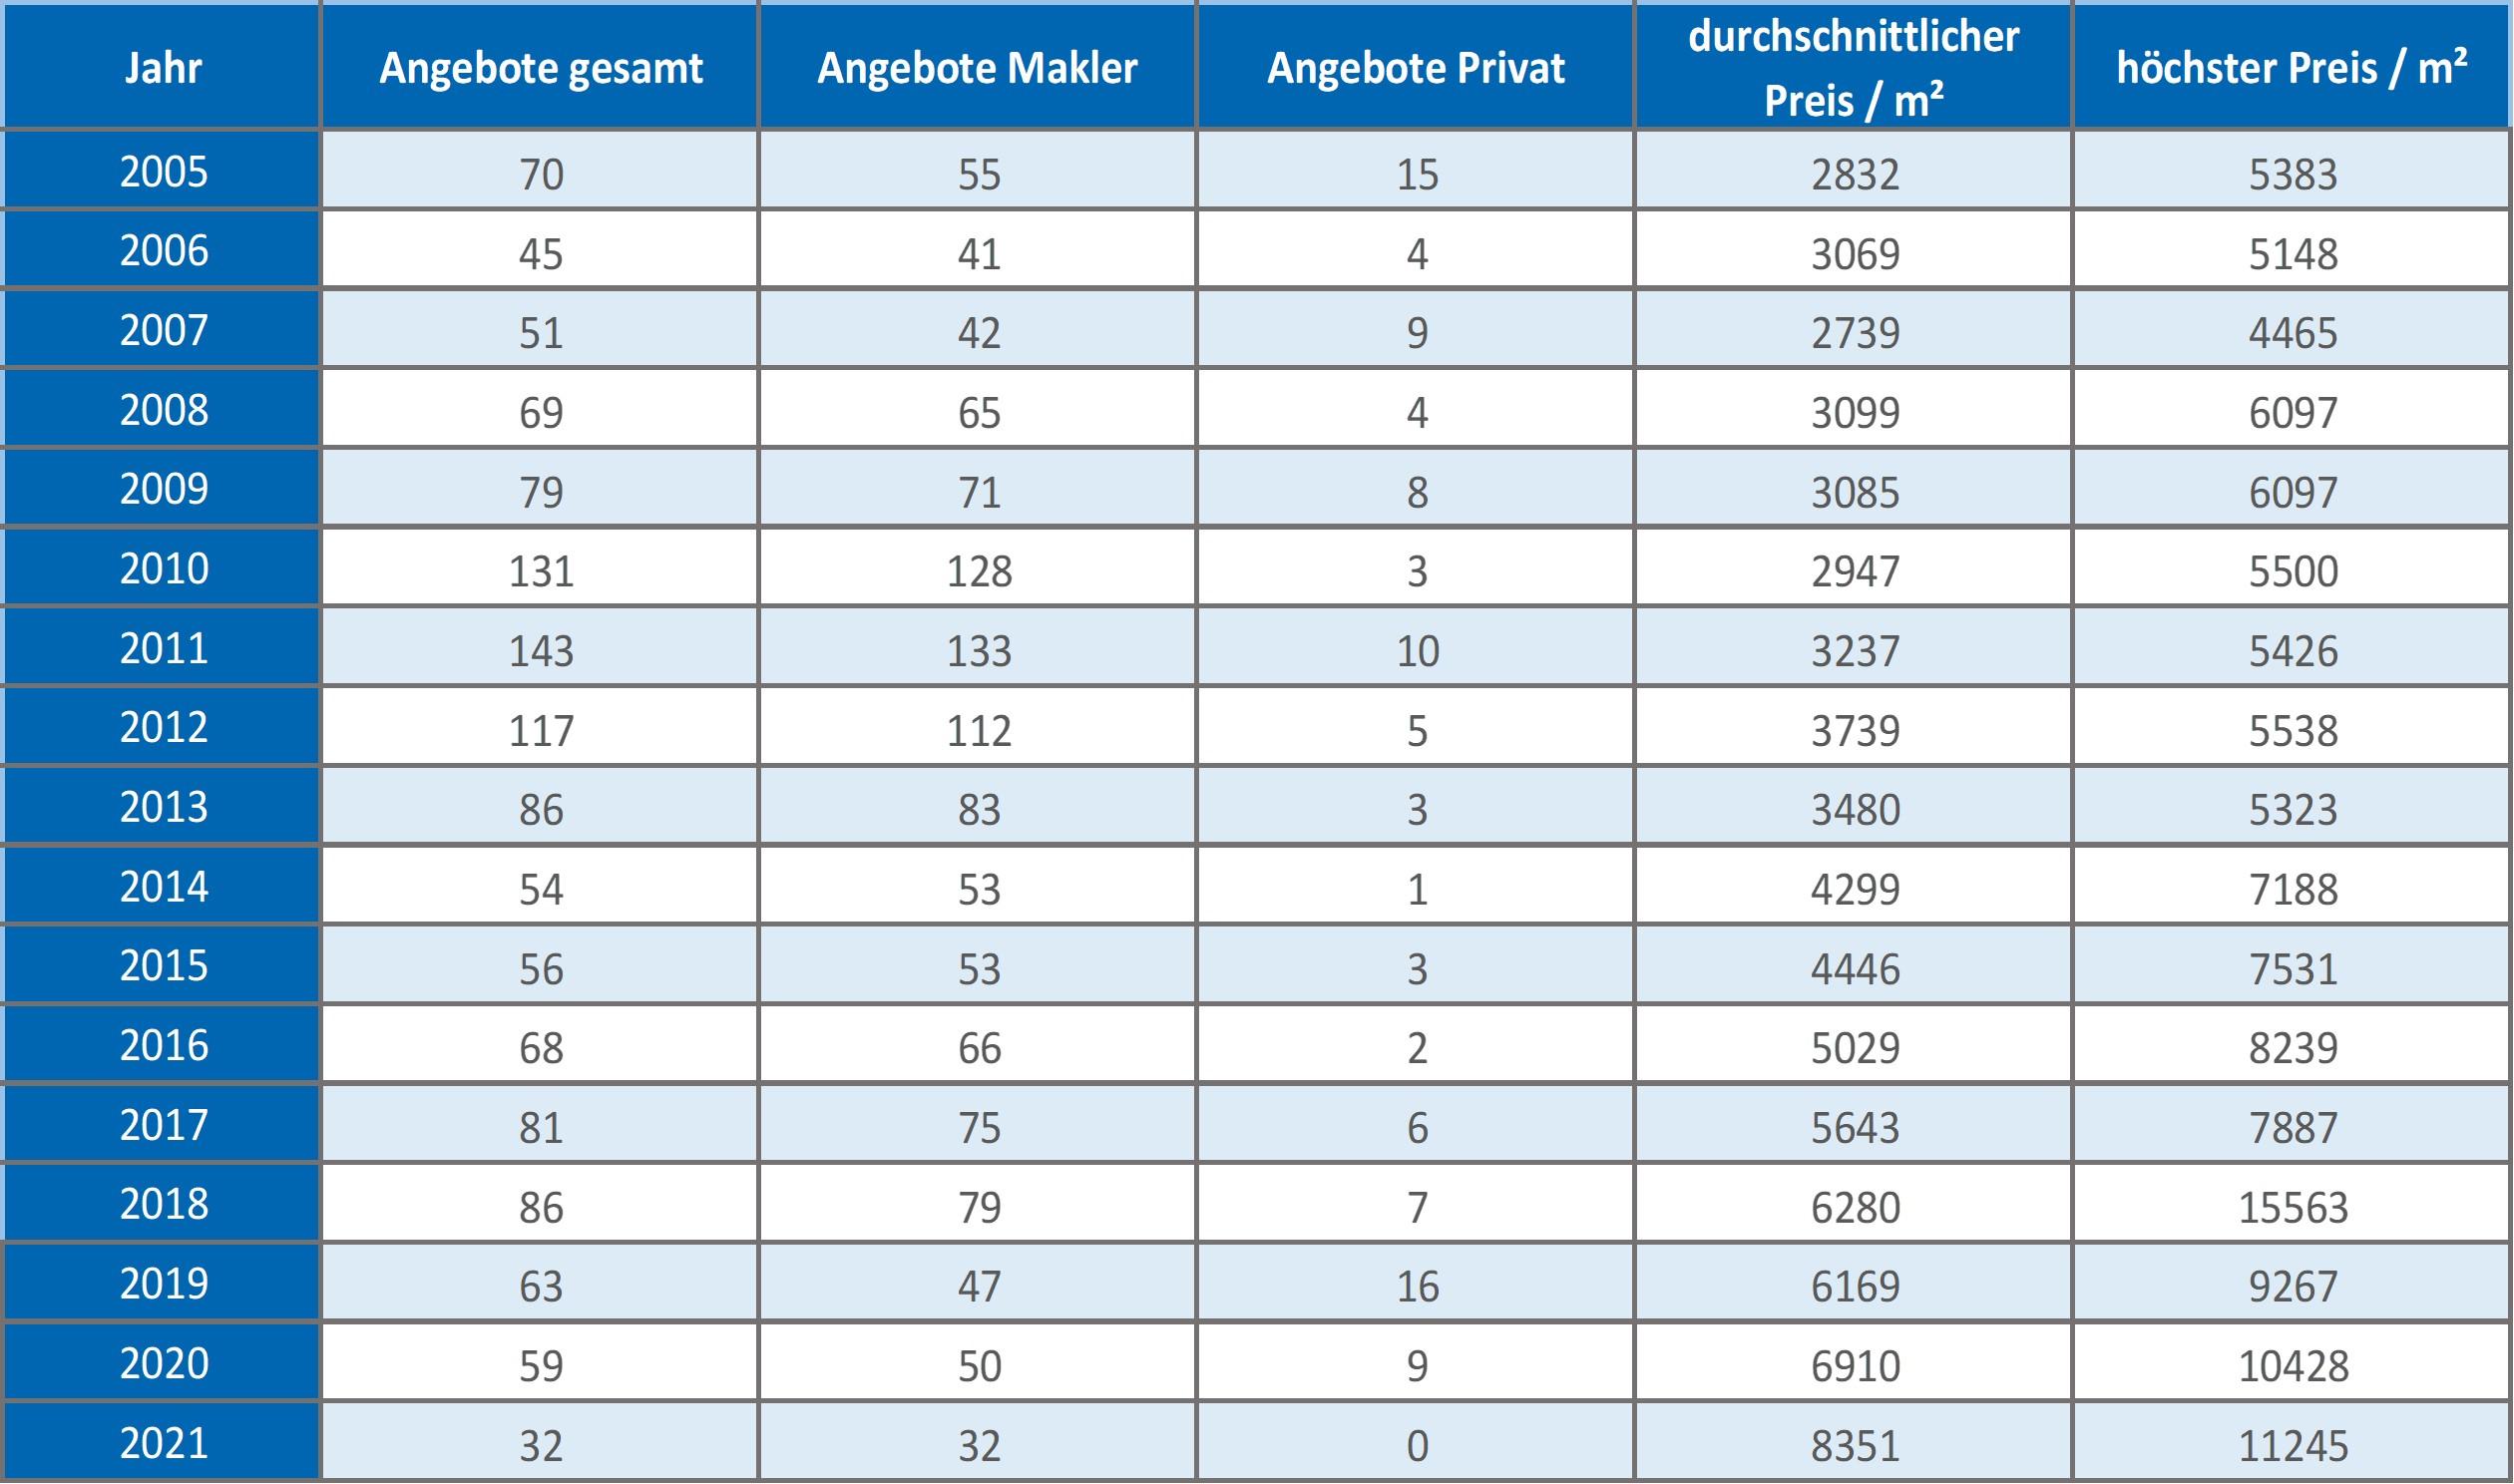 Brunnthal-Haus-verkaufen-kaufen-Makler 2019 2020 2021